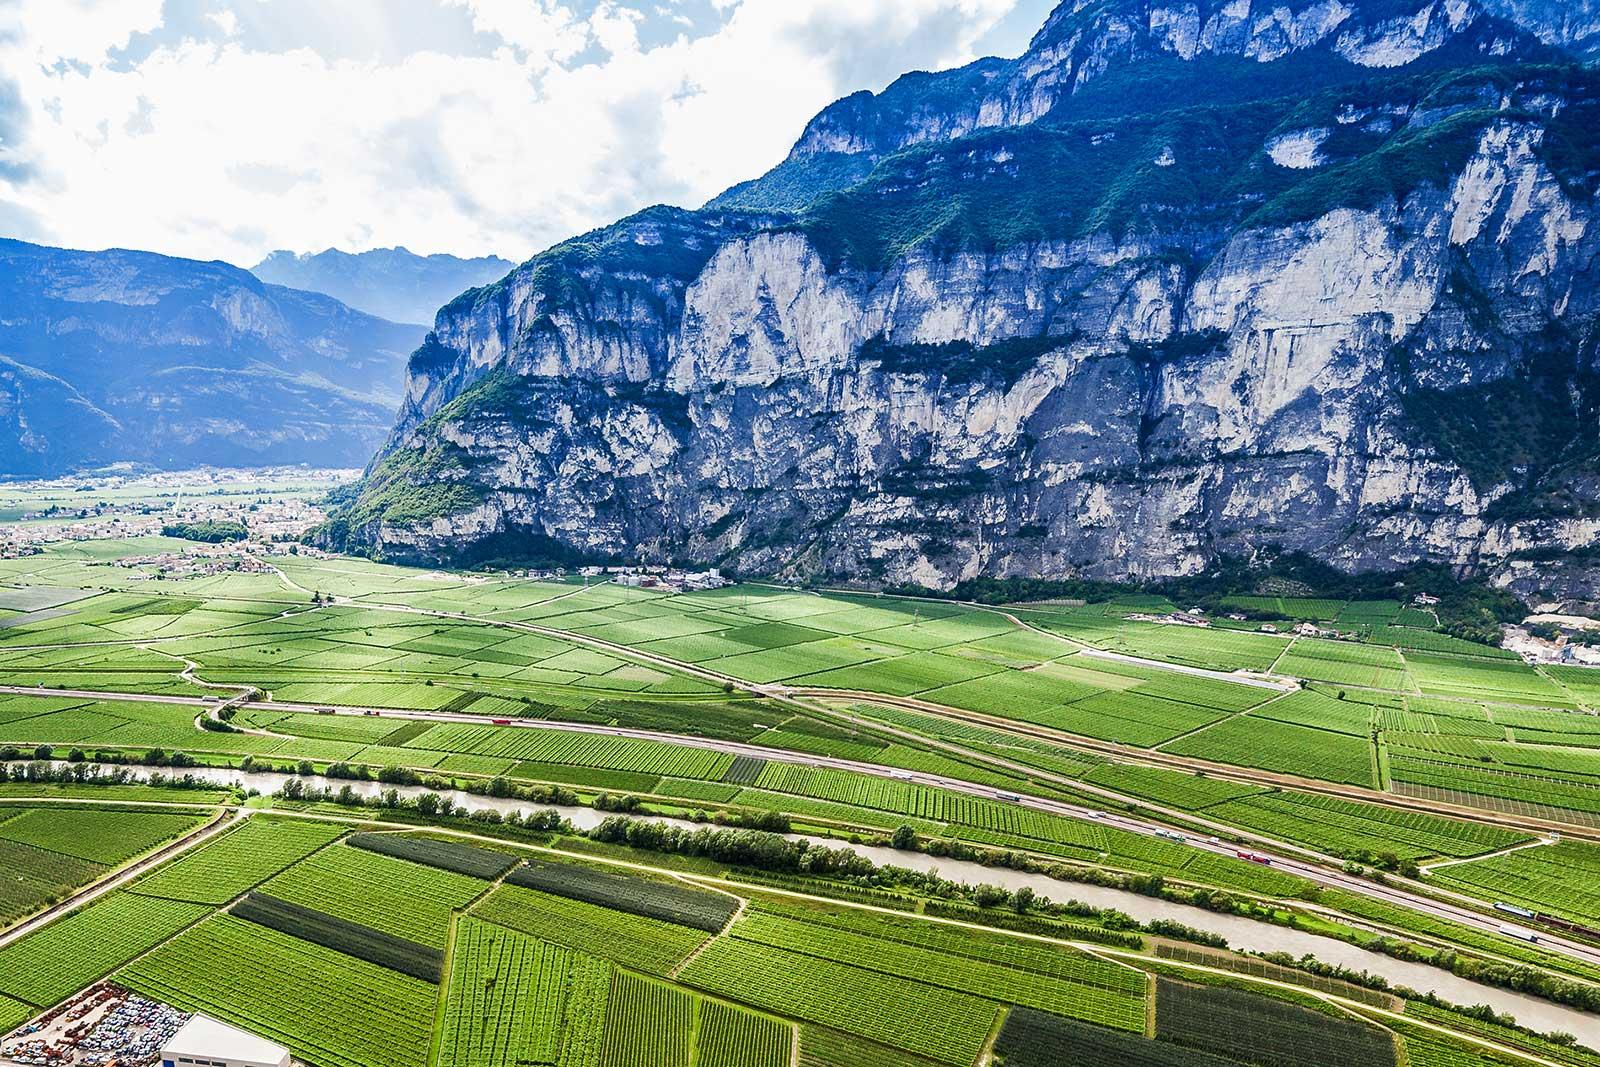 The Campo Rotaliano, Trentino-Alto Adige, Italy.